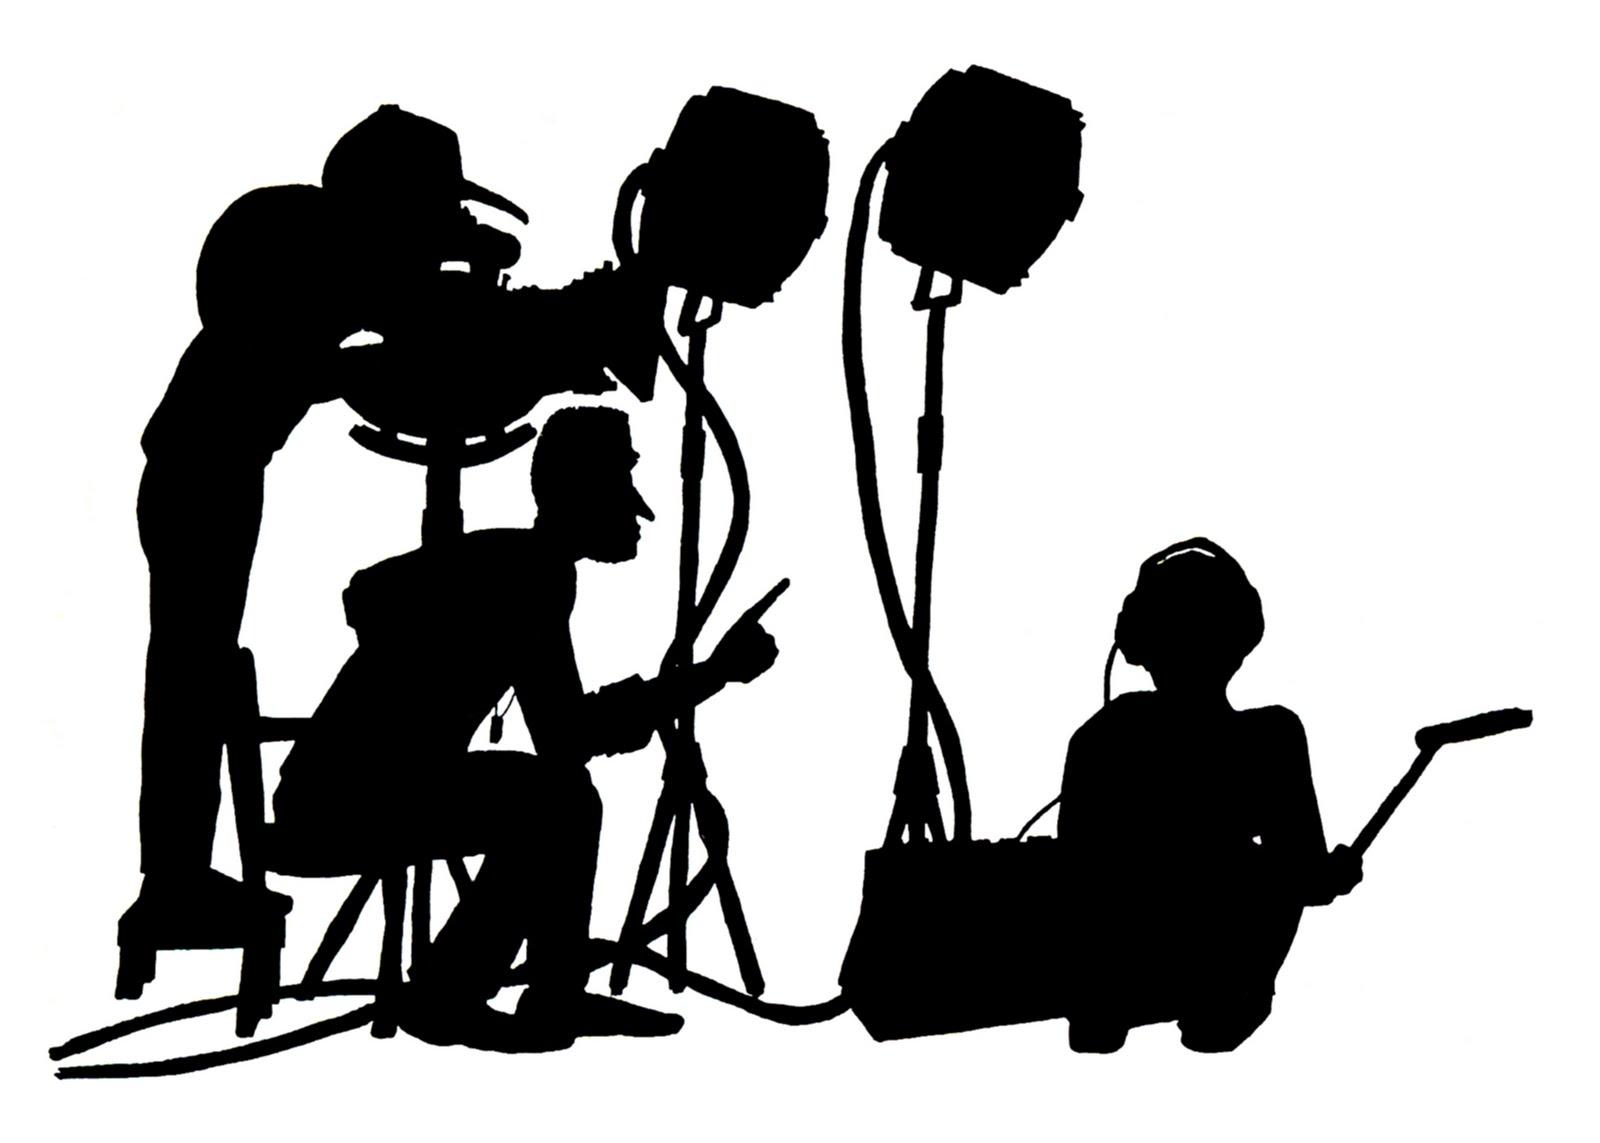 movie crew